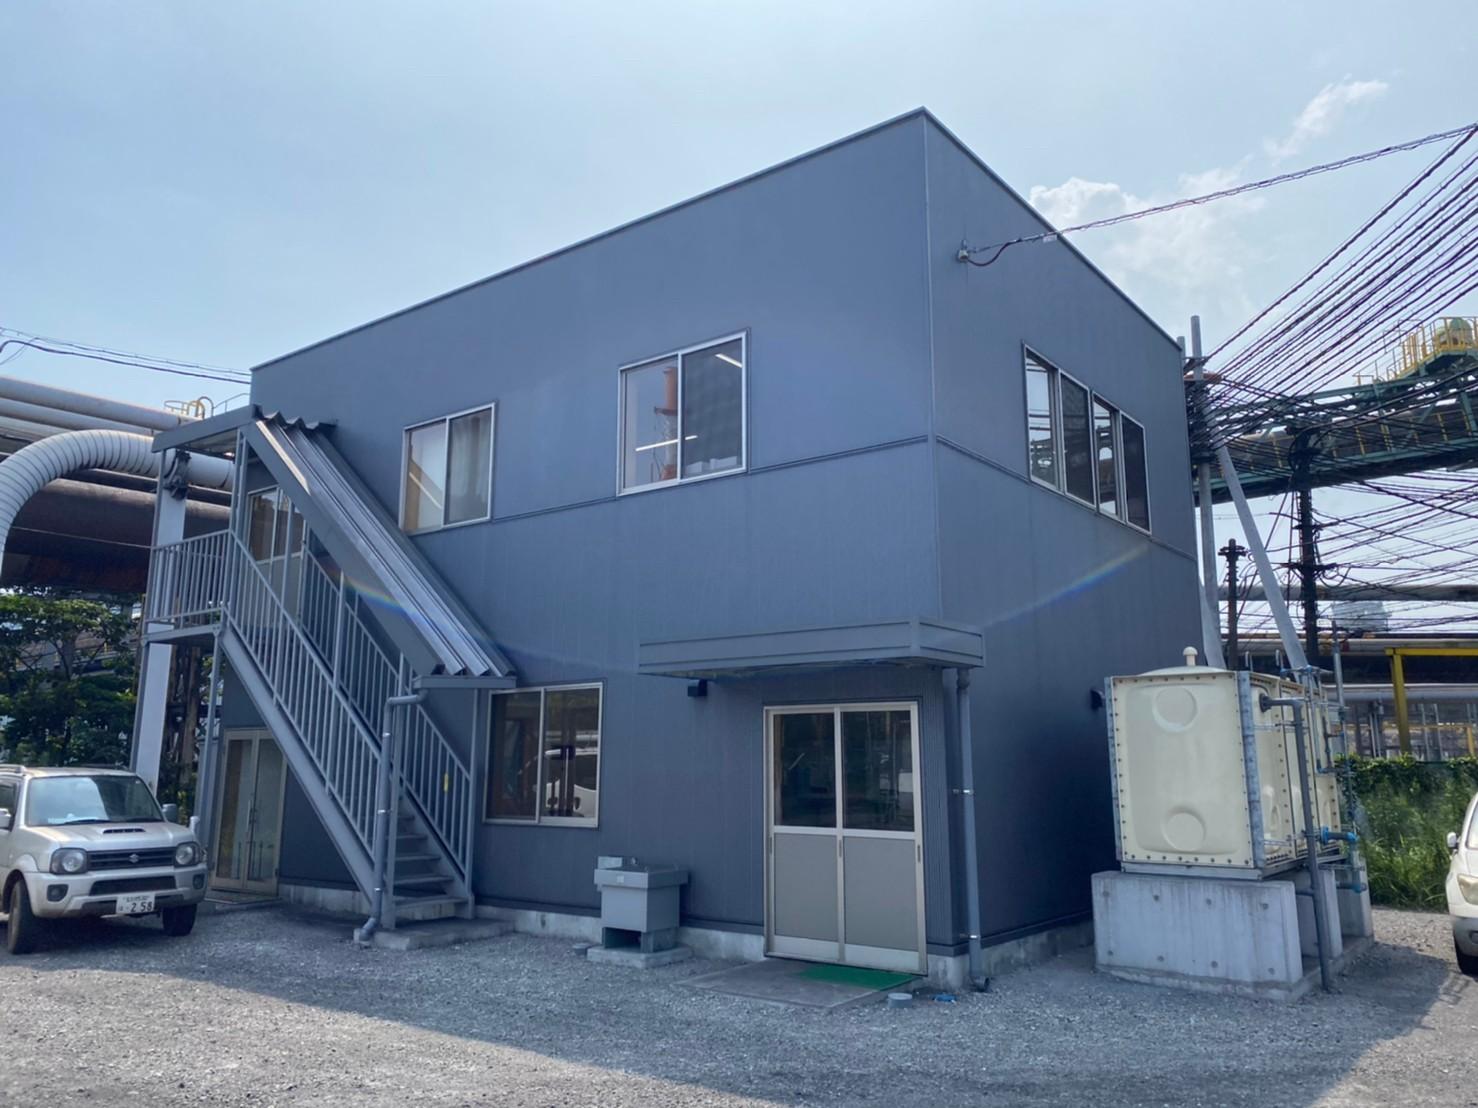 新日鉄構内 事務所新築を行いました。